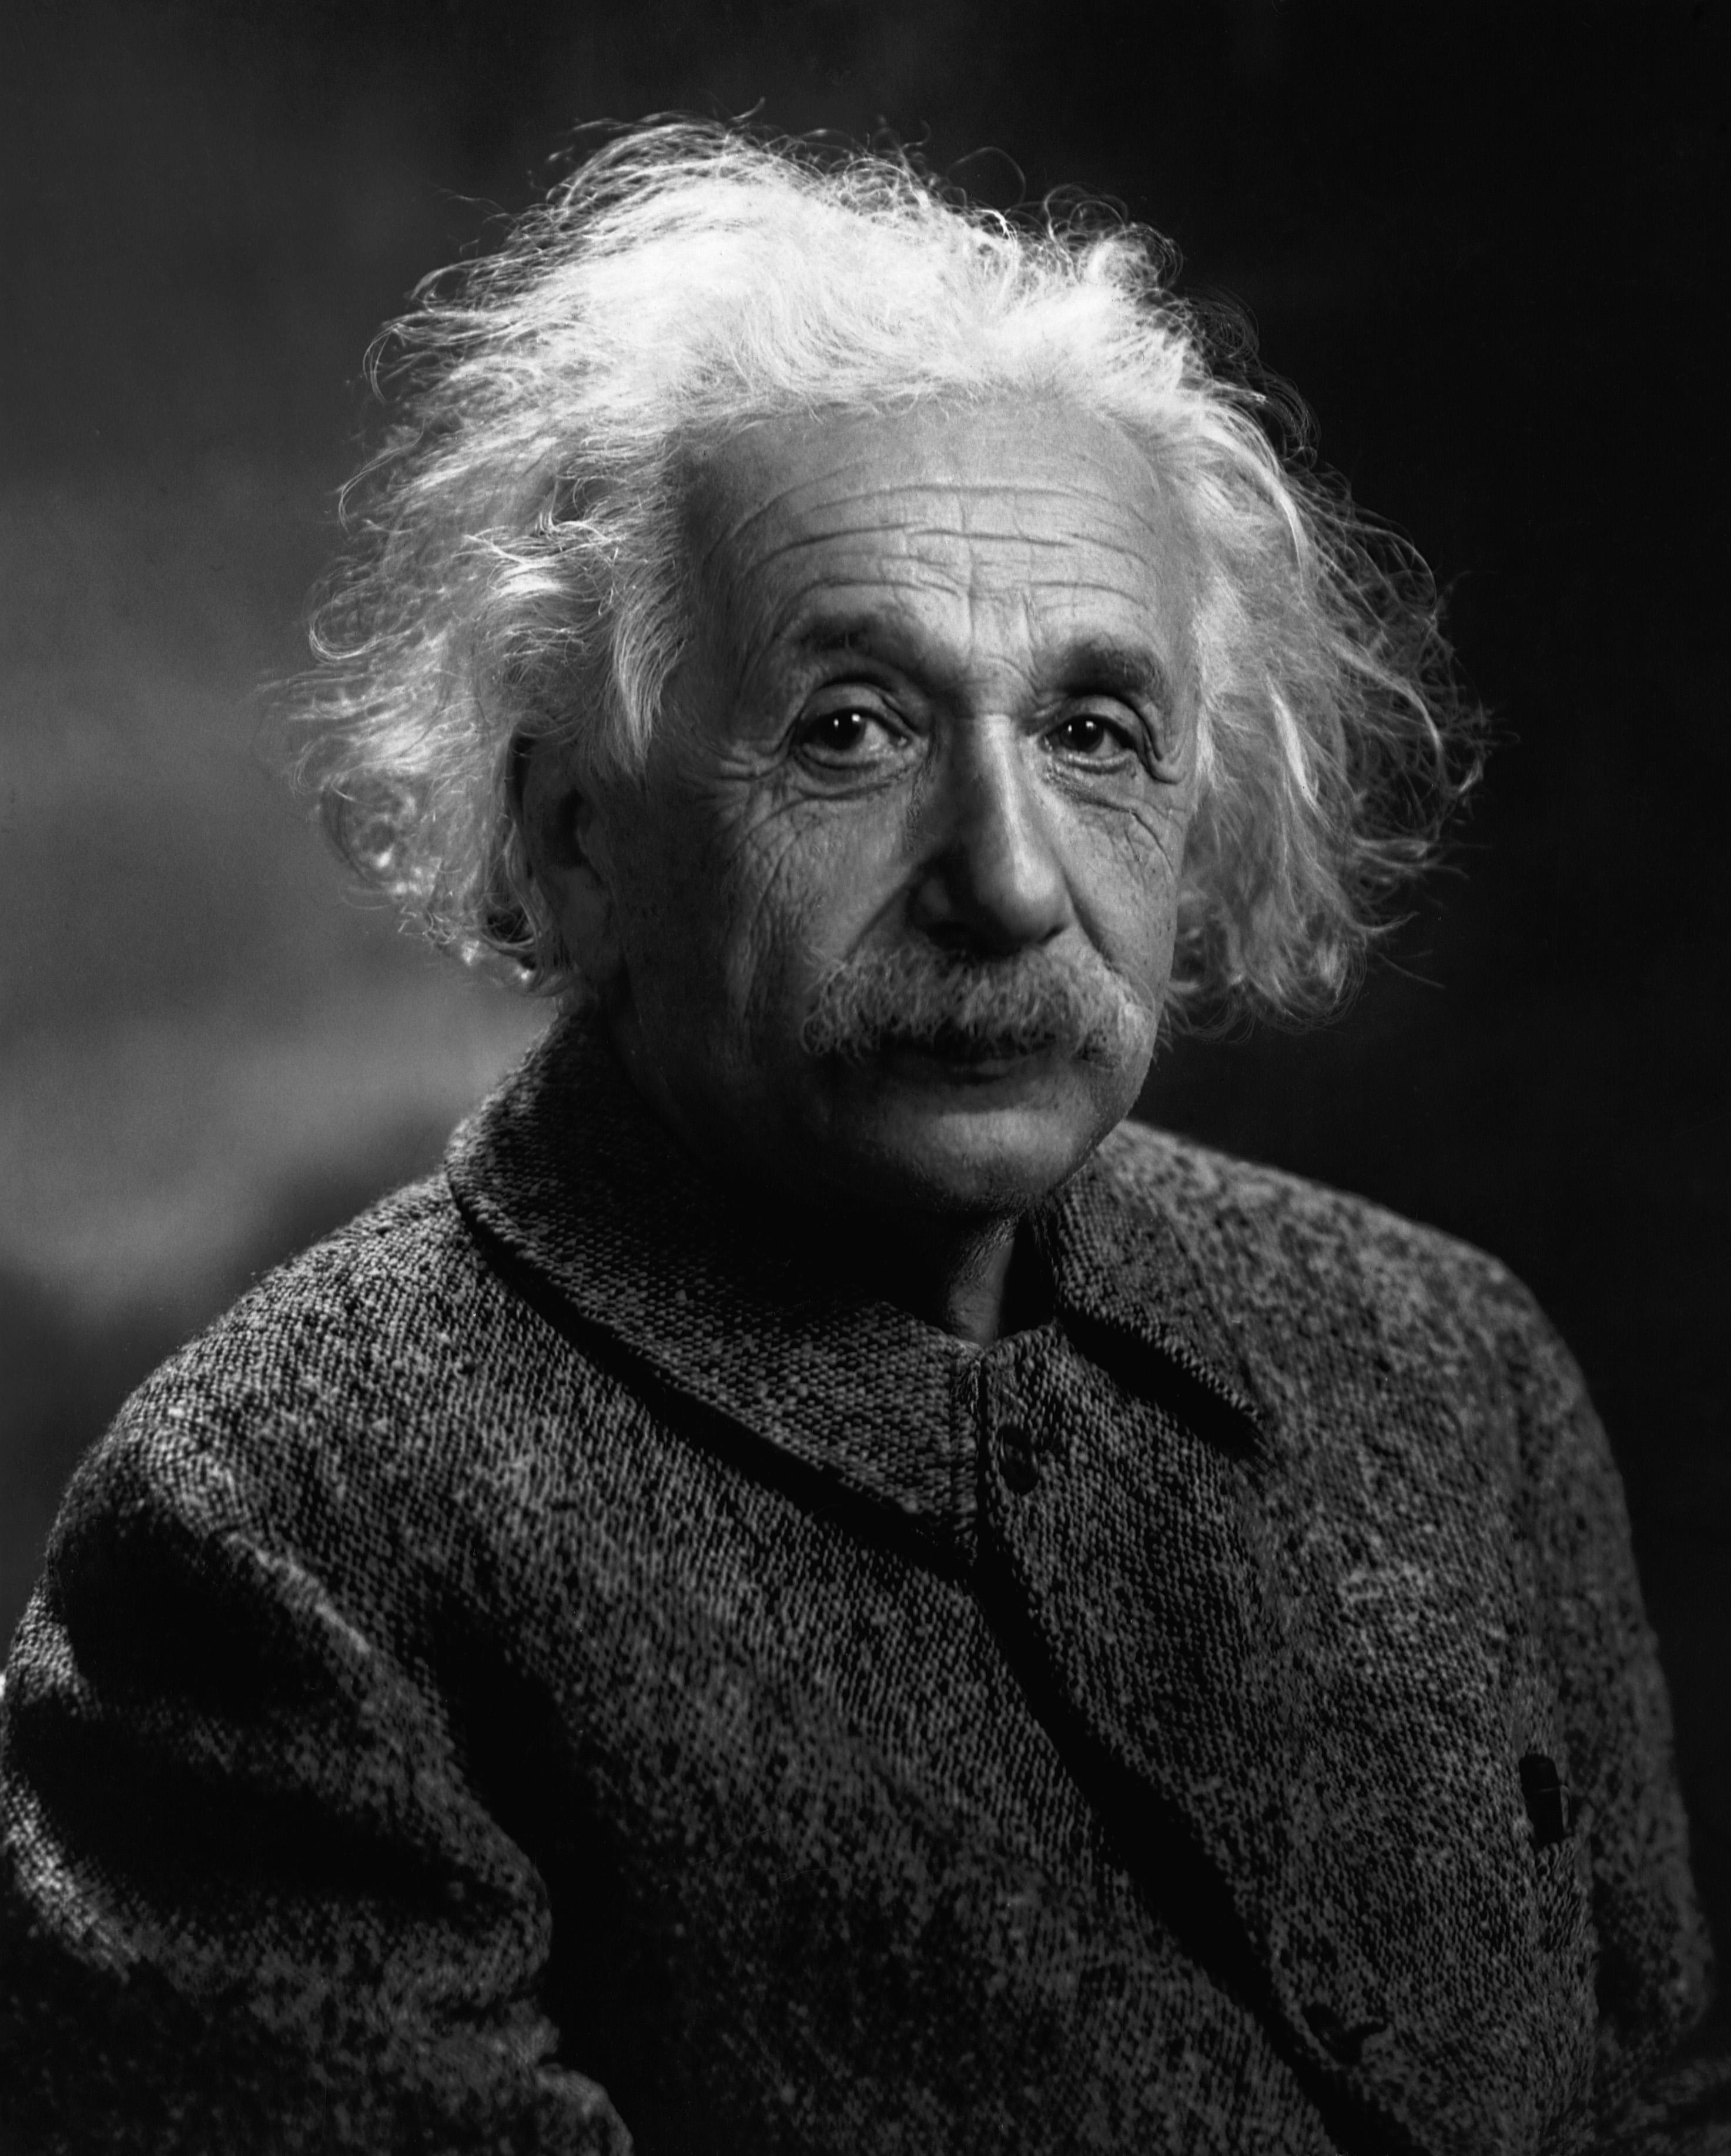 Портрет Альберта Эйнштейна в большом разрешении